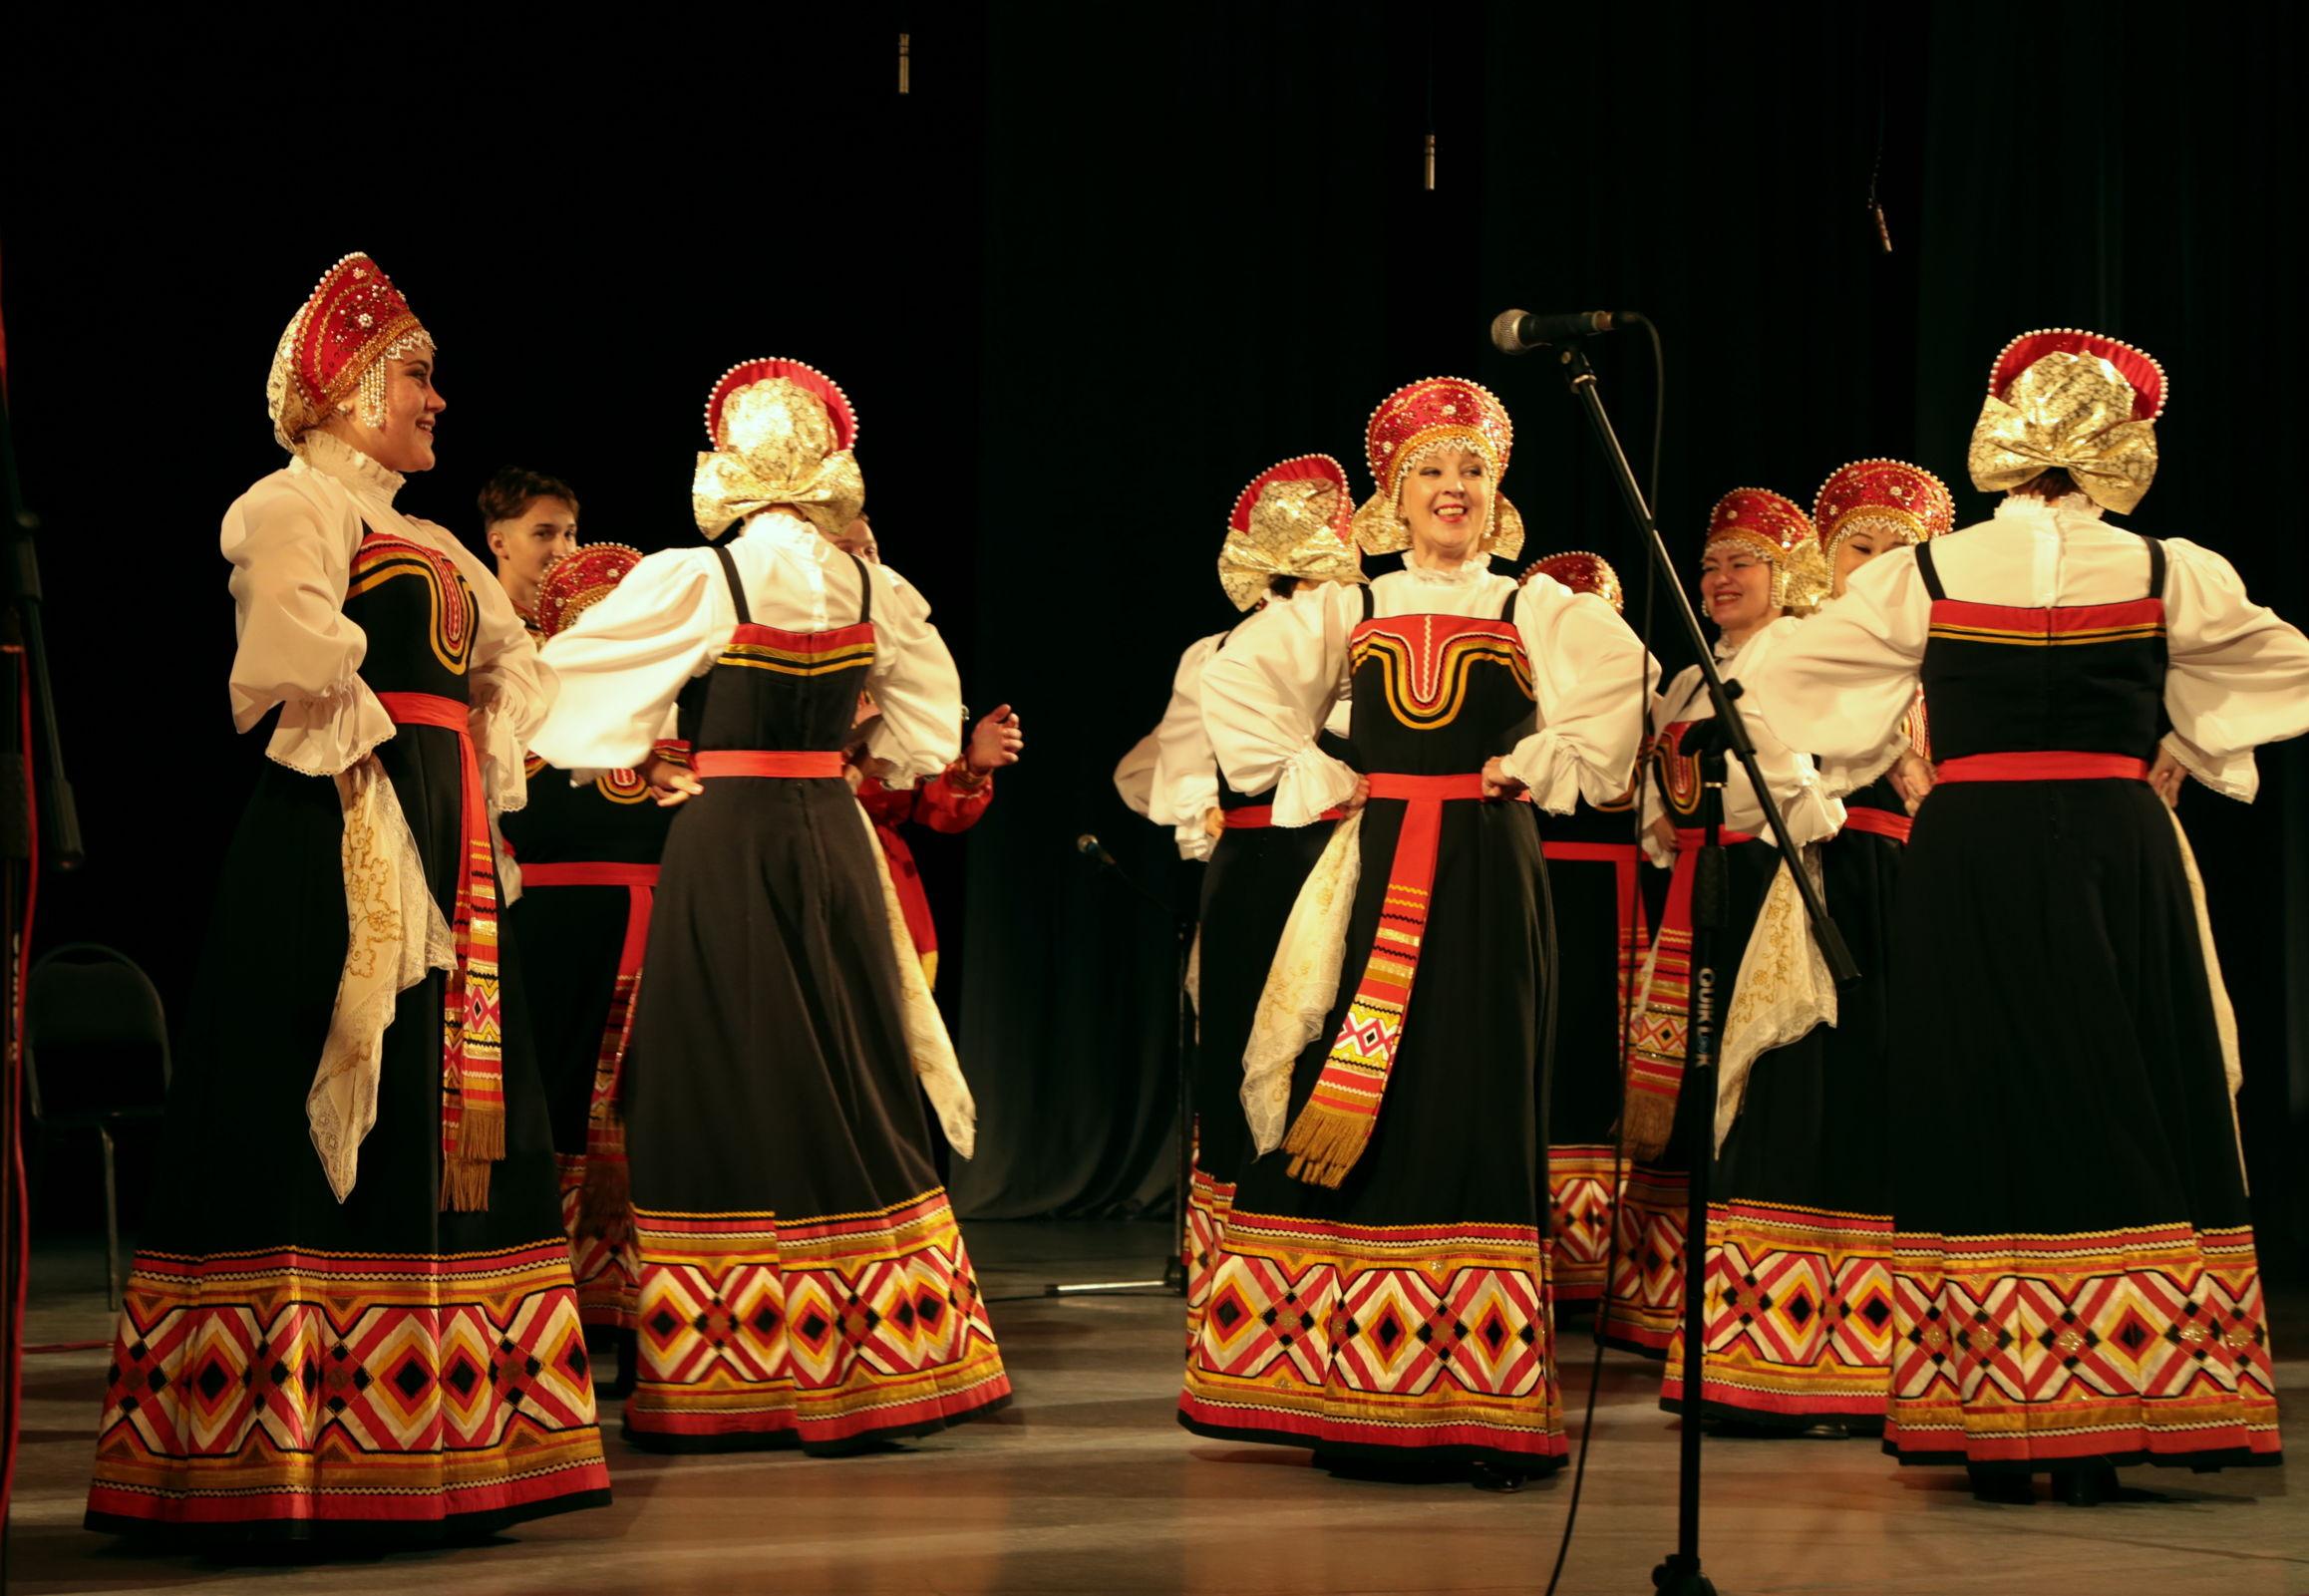 Победители конкурса хоровых коллективов получат областные гранты